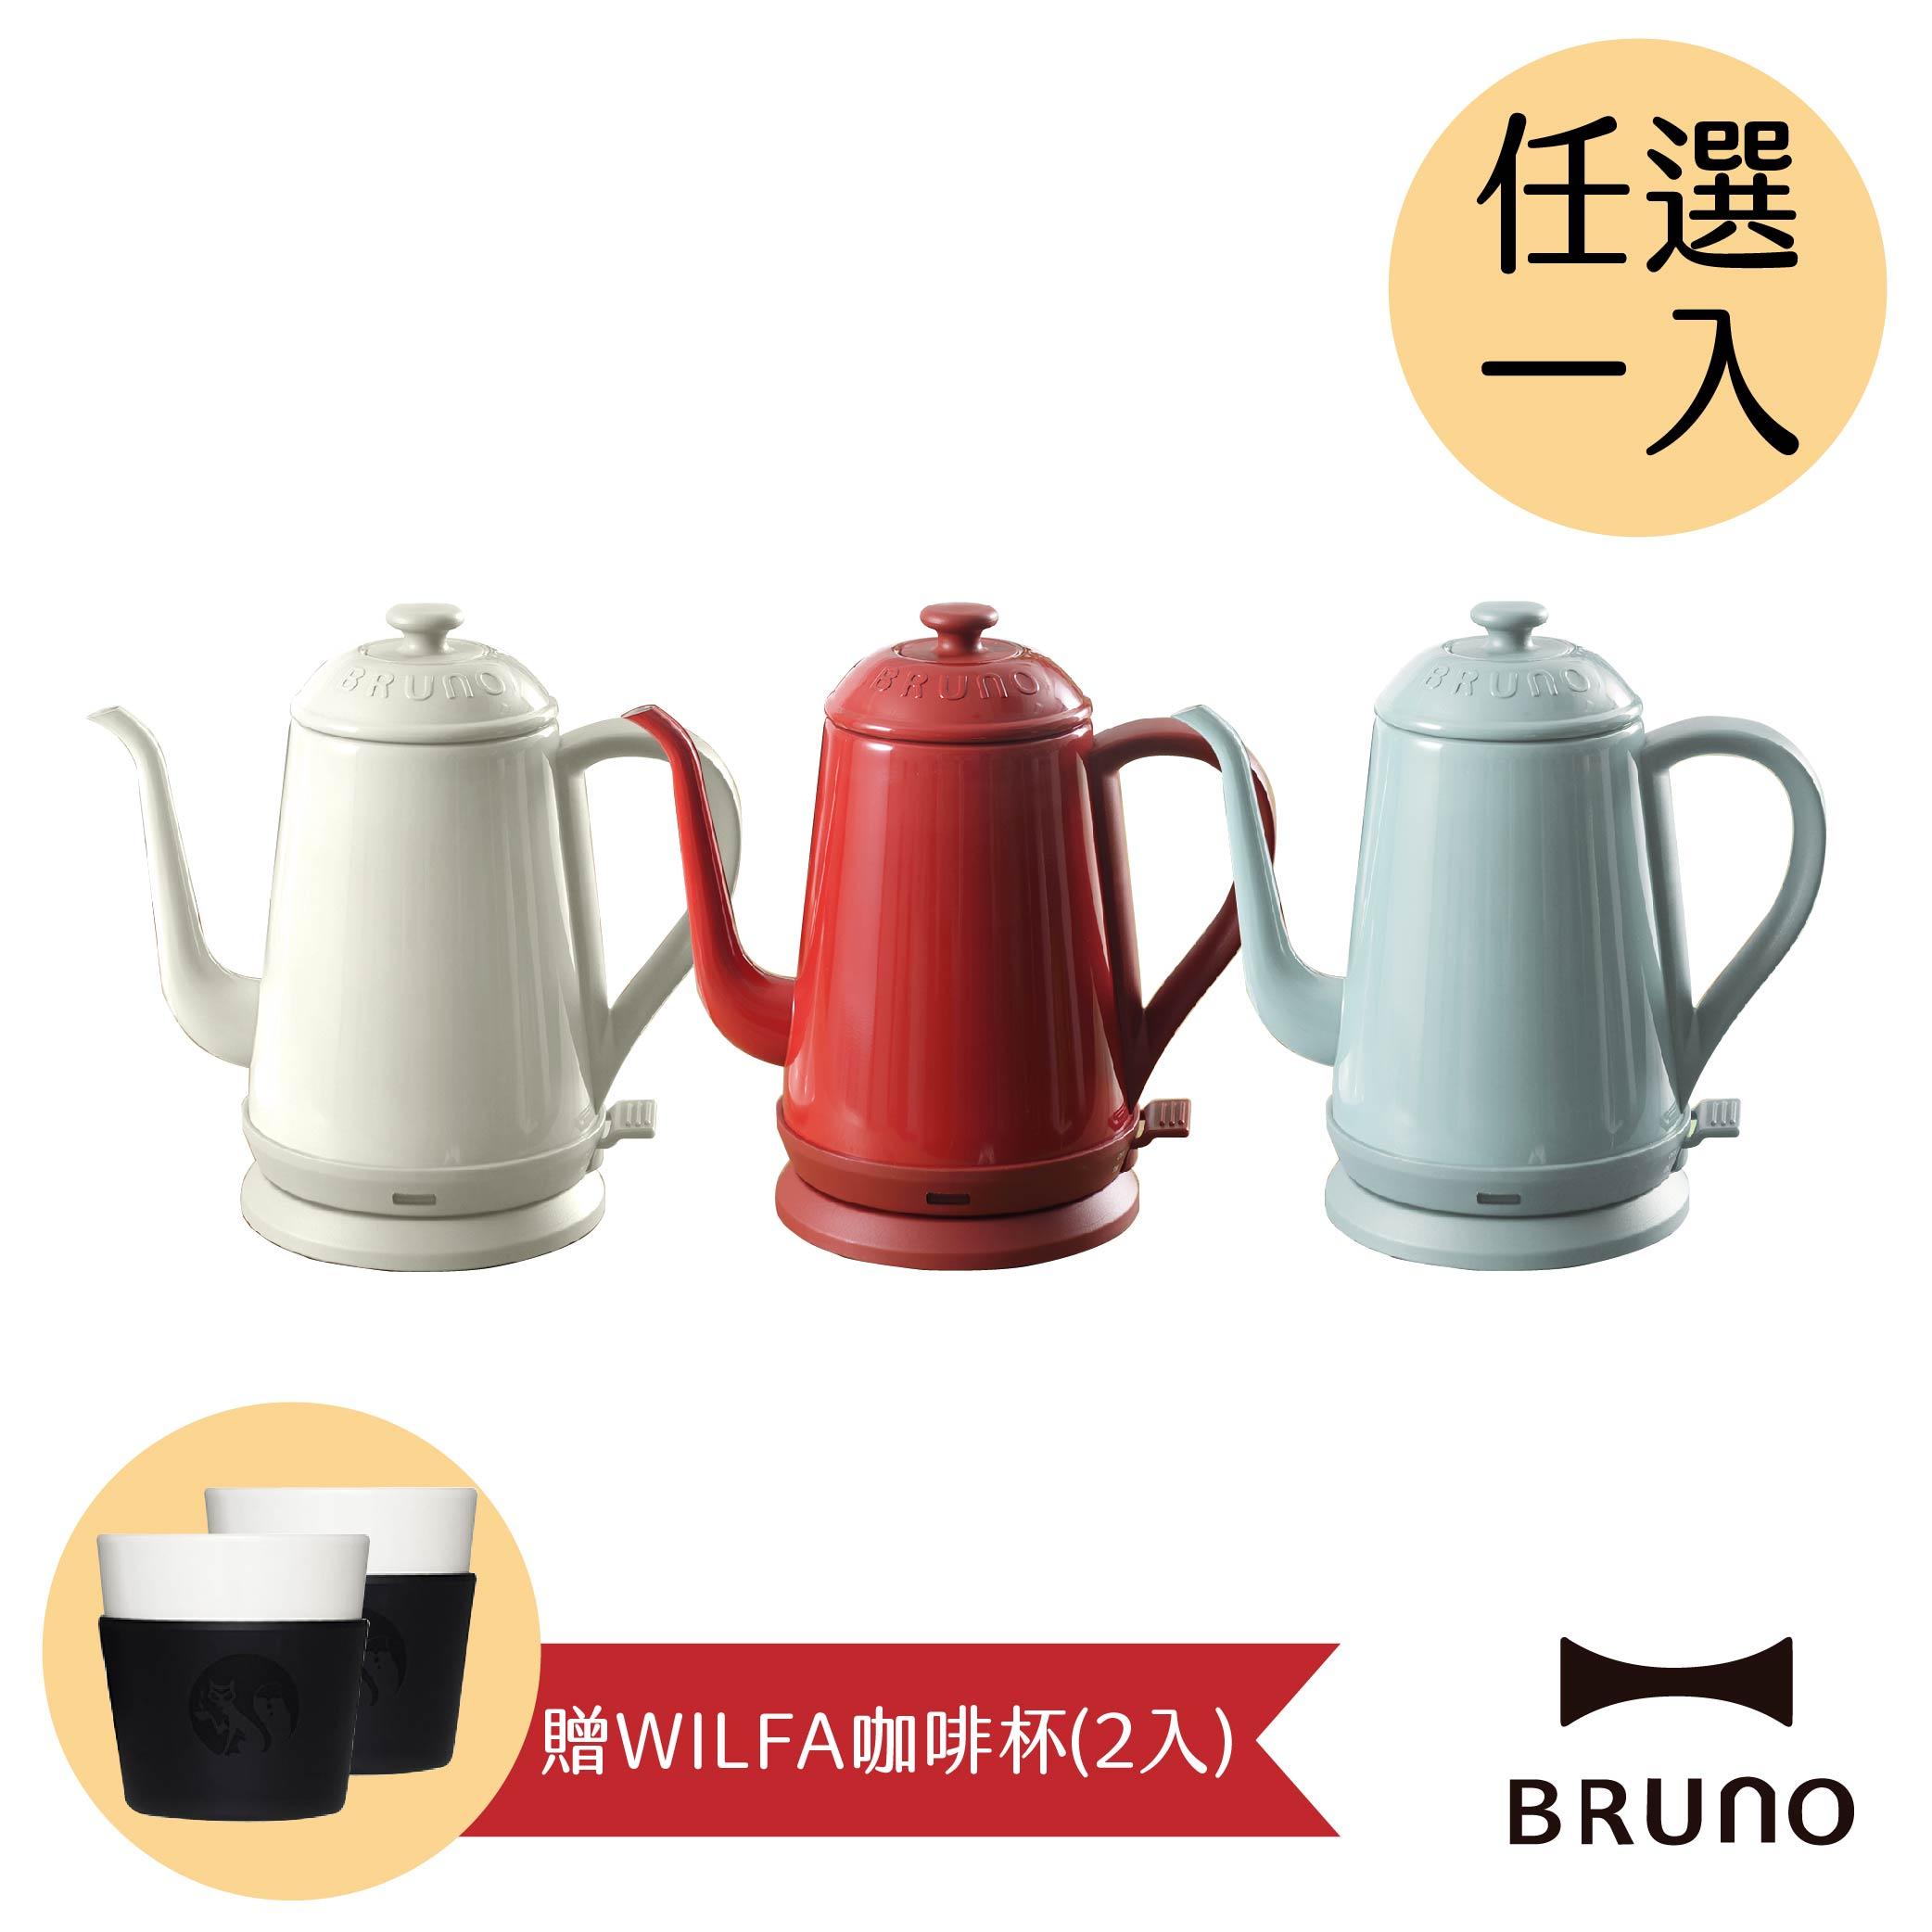 【日本BRUNO】復古造型不銹鋼快煮壺 (紅/白/藍) 贈Wilfa咖啡杯(兩入)